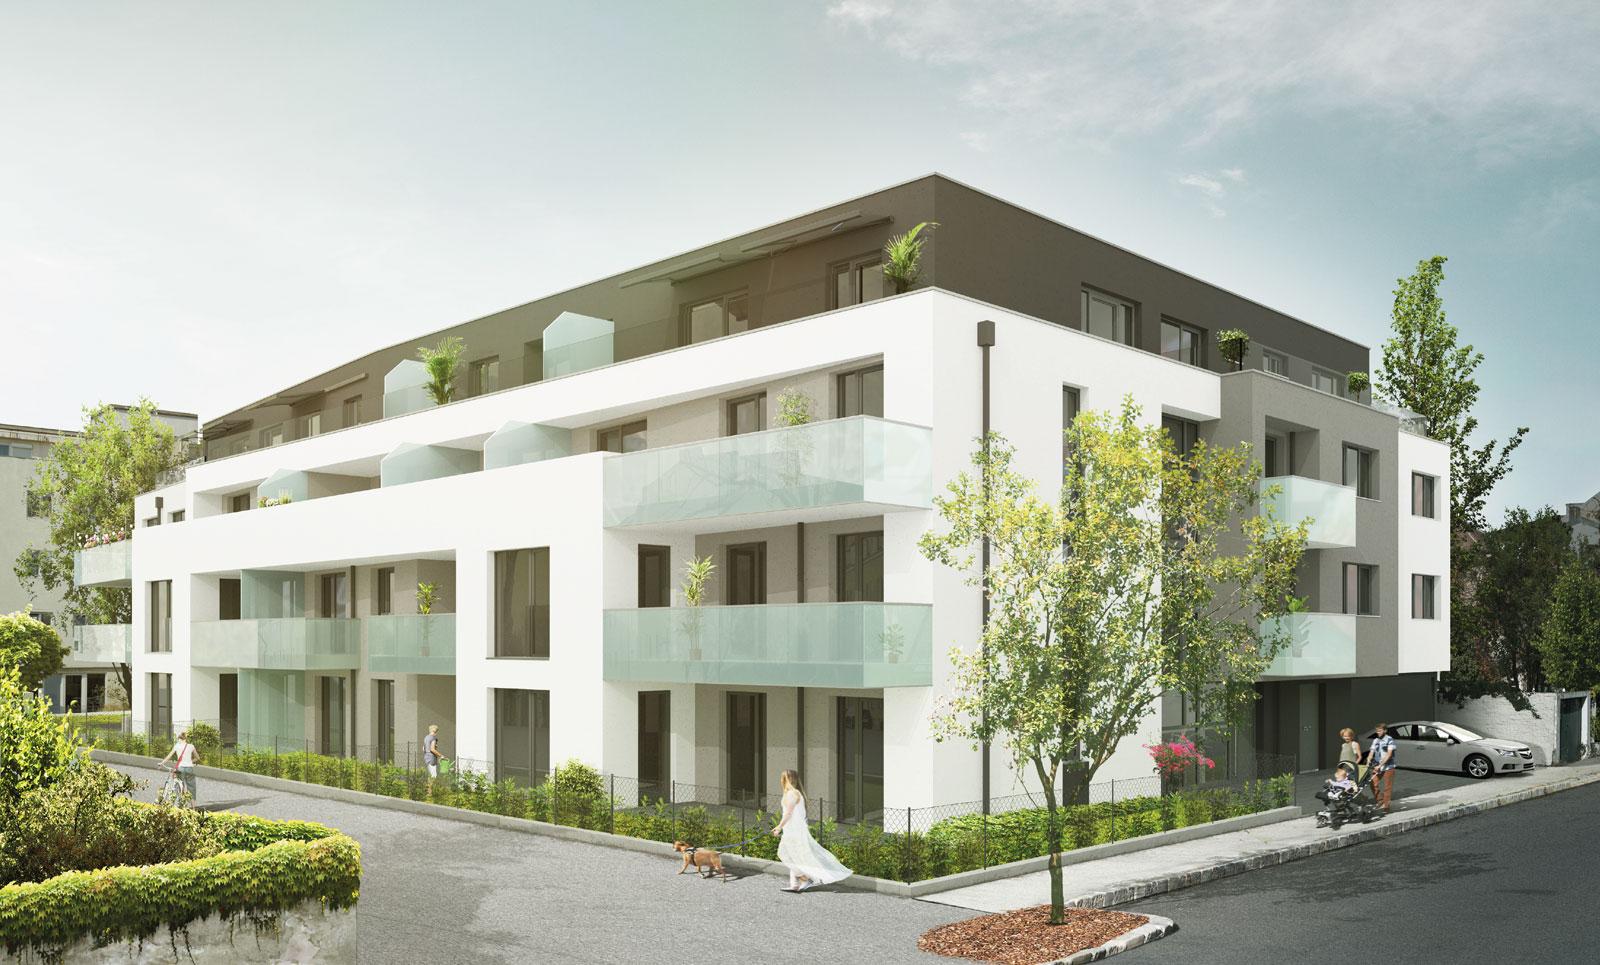 Entweder Loggia, Balkon, Terrasse oder Garten für jede Wohnung